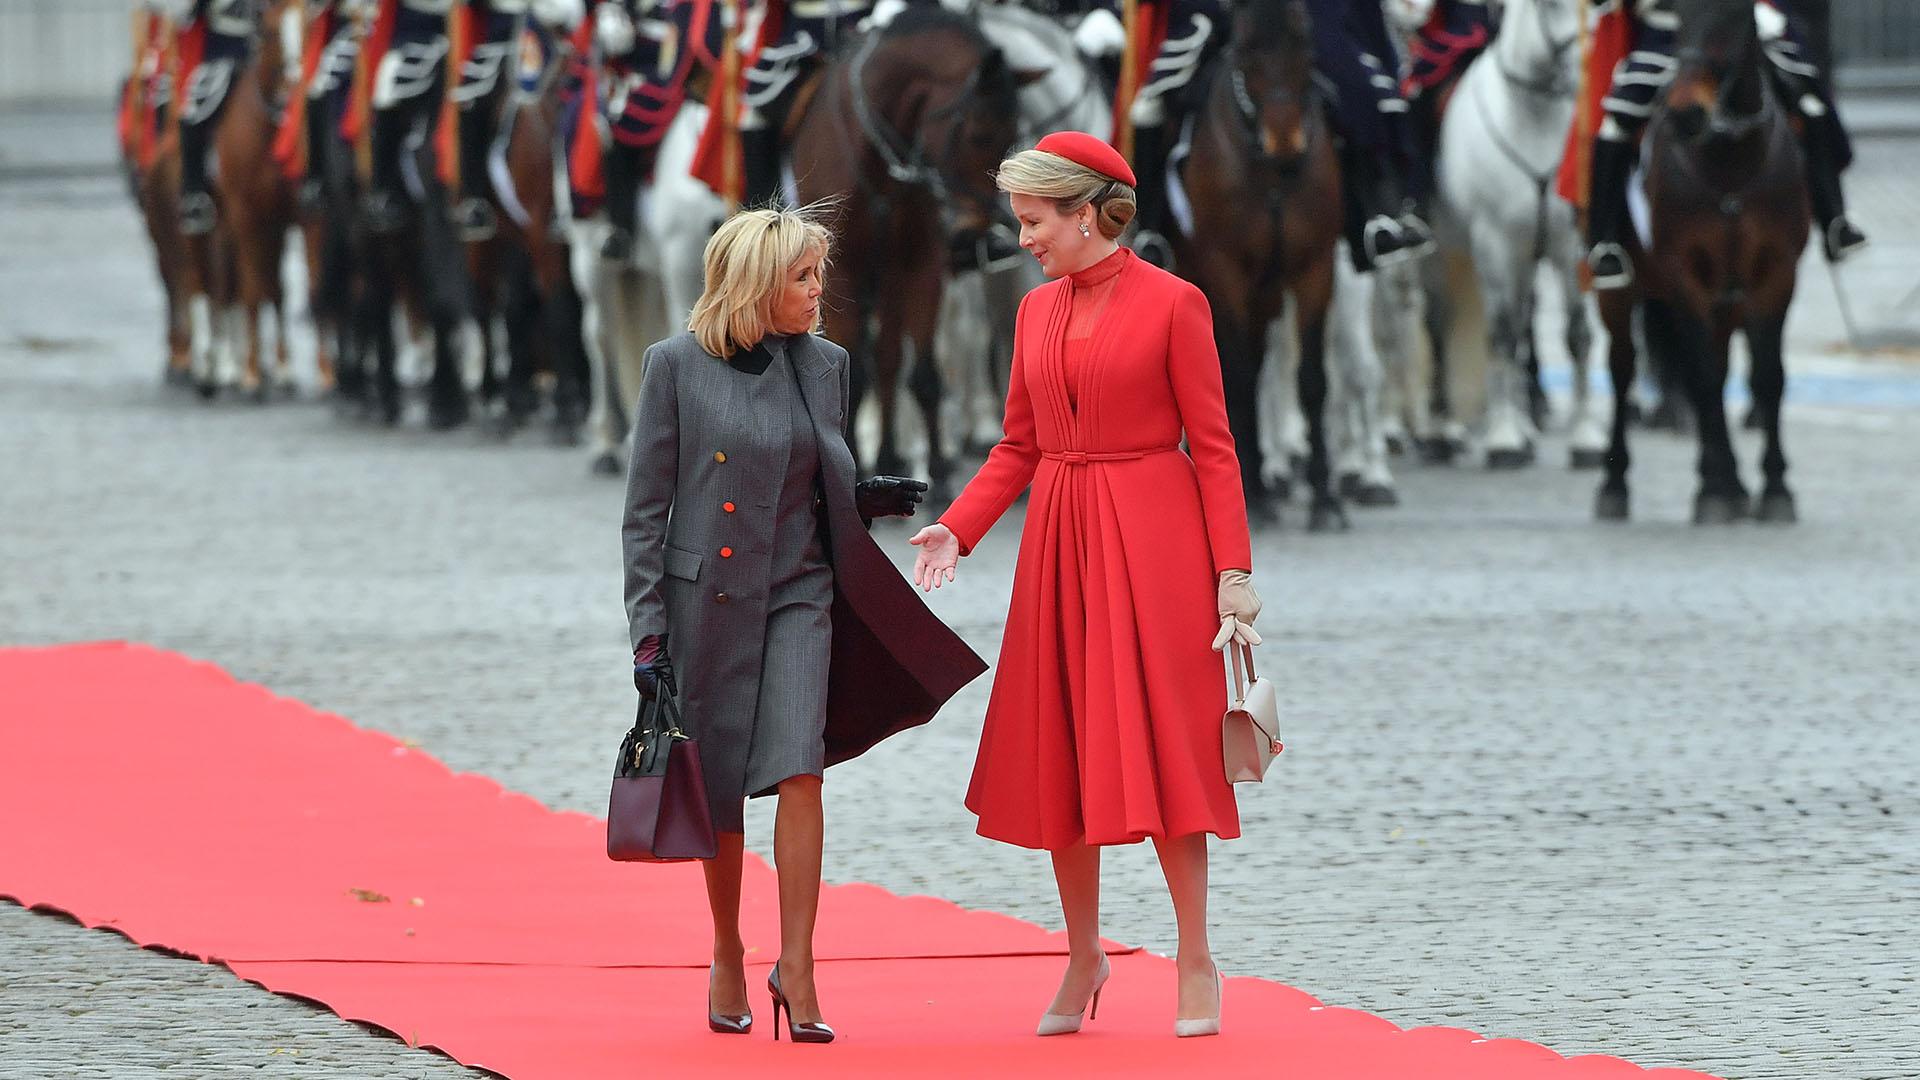 Durante el día, ambas mujeres impactaron con sus elegantes y formales estilismos en la ceremonia de bienvenida que se llevó a cabo en Bruselas